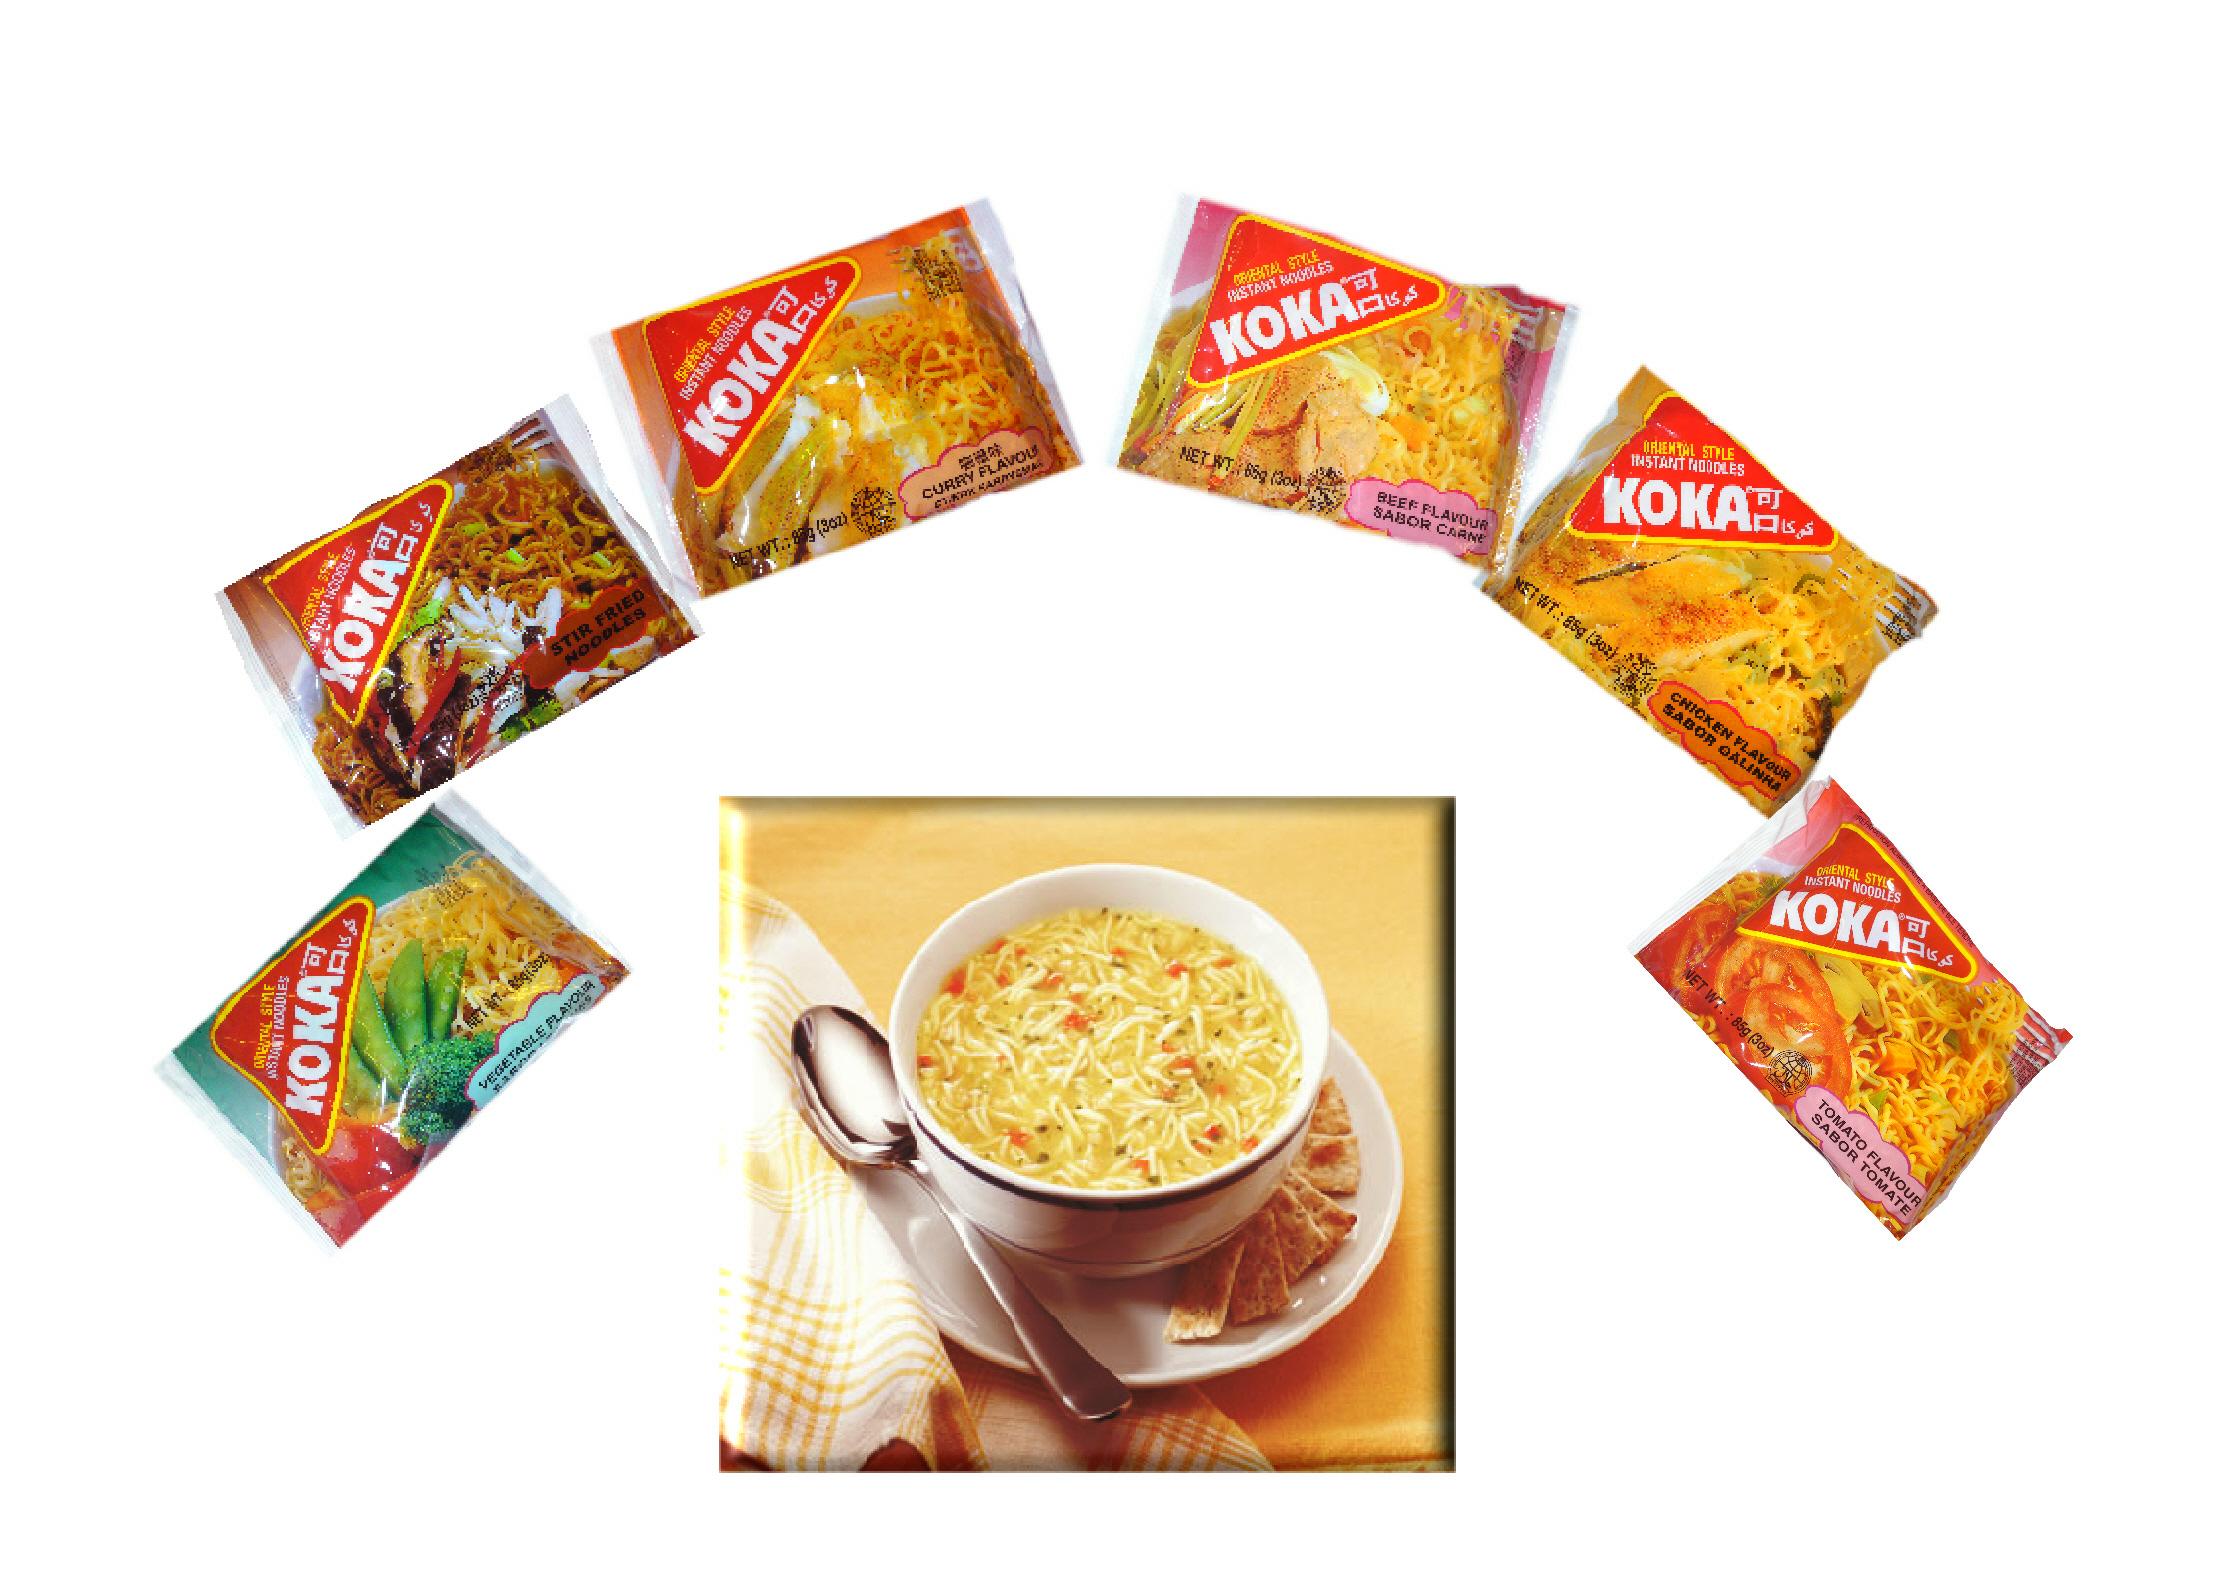 Koka Noodles Wholesale Noodles Suppliers Fried Noodles Distributors Manufacturers Uk